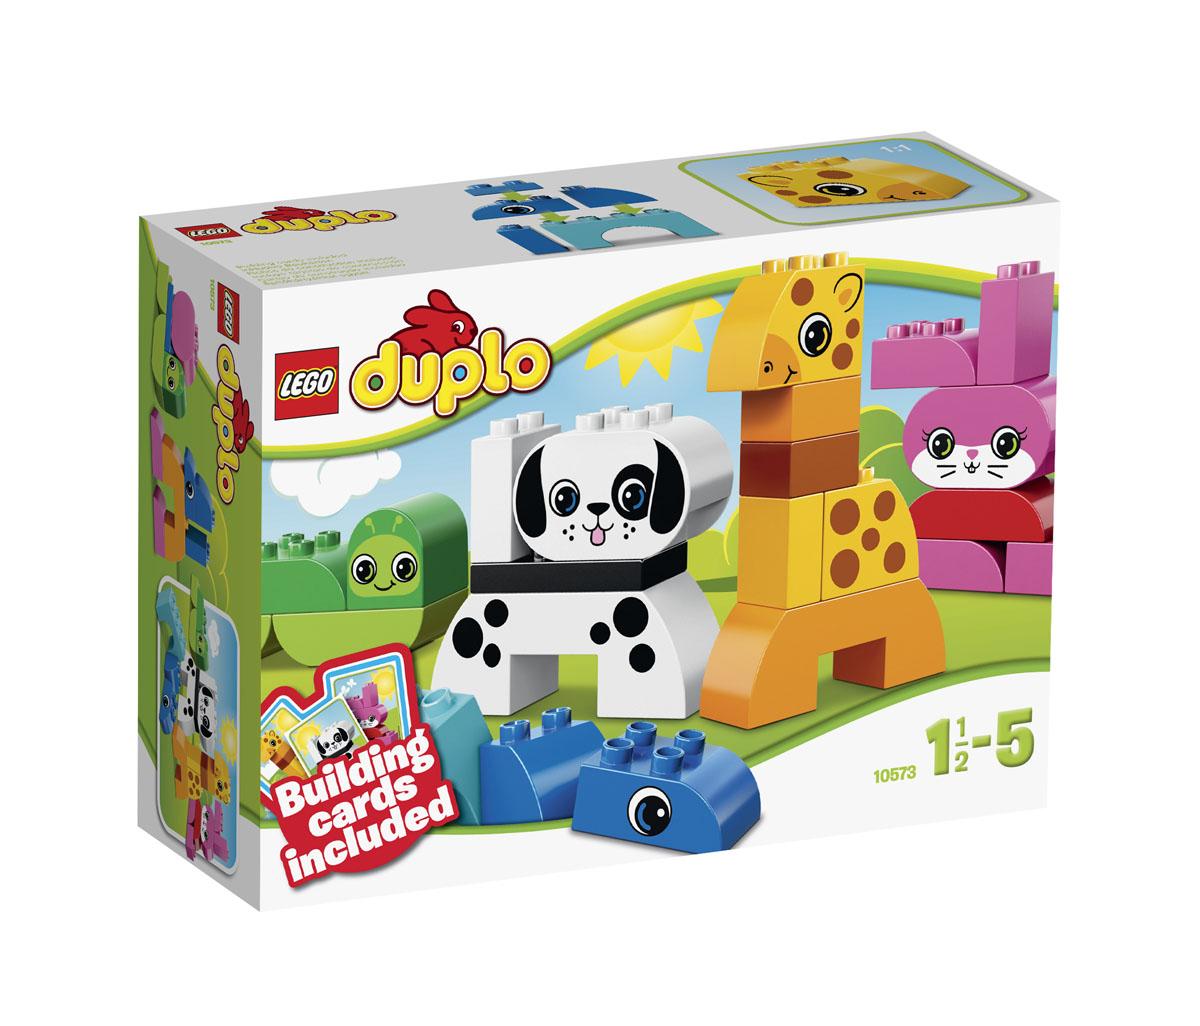 LEGO DUPLO Конструктор Веселые зверюшки 1057310573Познакомьте своего ребенка с миром творчества и веселого строительства! Встретьтесь с милыми животными в этом замечательном наборе Веселые зверюшки! Используйте карточки-подсказки, которые помогут юному строителю легко собрать жирафа, кролика, собаку и червячка — каждое животное имеет свой собственный яркий цвет. Затем приготовьтесь отправиться с ними в мир бесконечных игровых возможностей.